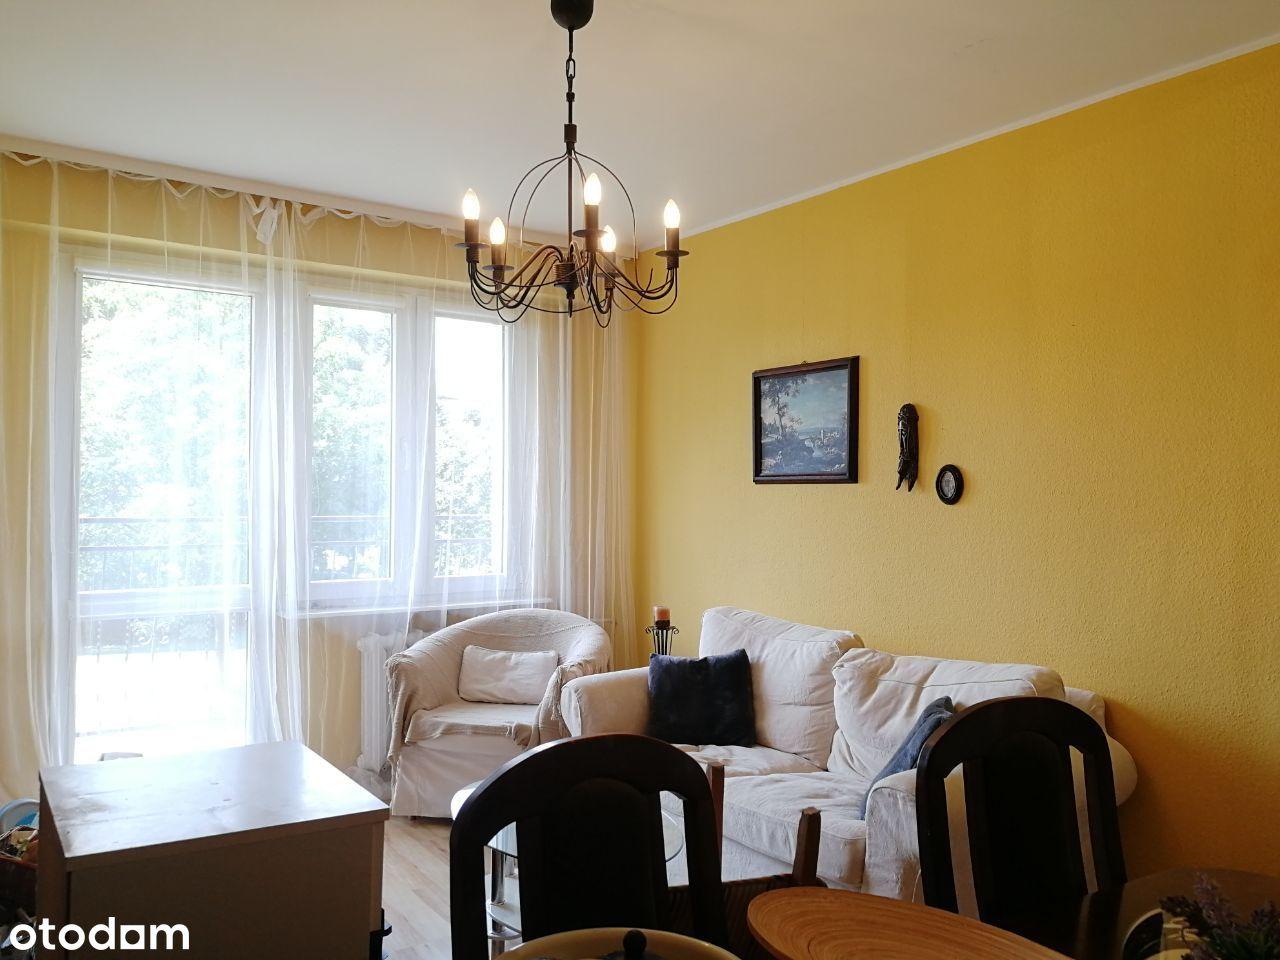 Mieszkanie 2 pok. z oddzielną kuchnią i balkonem